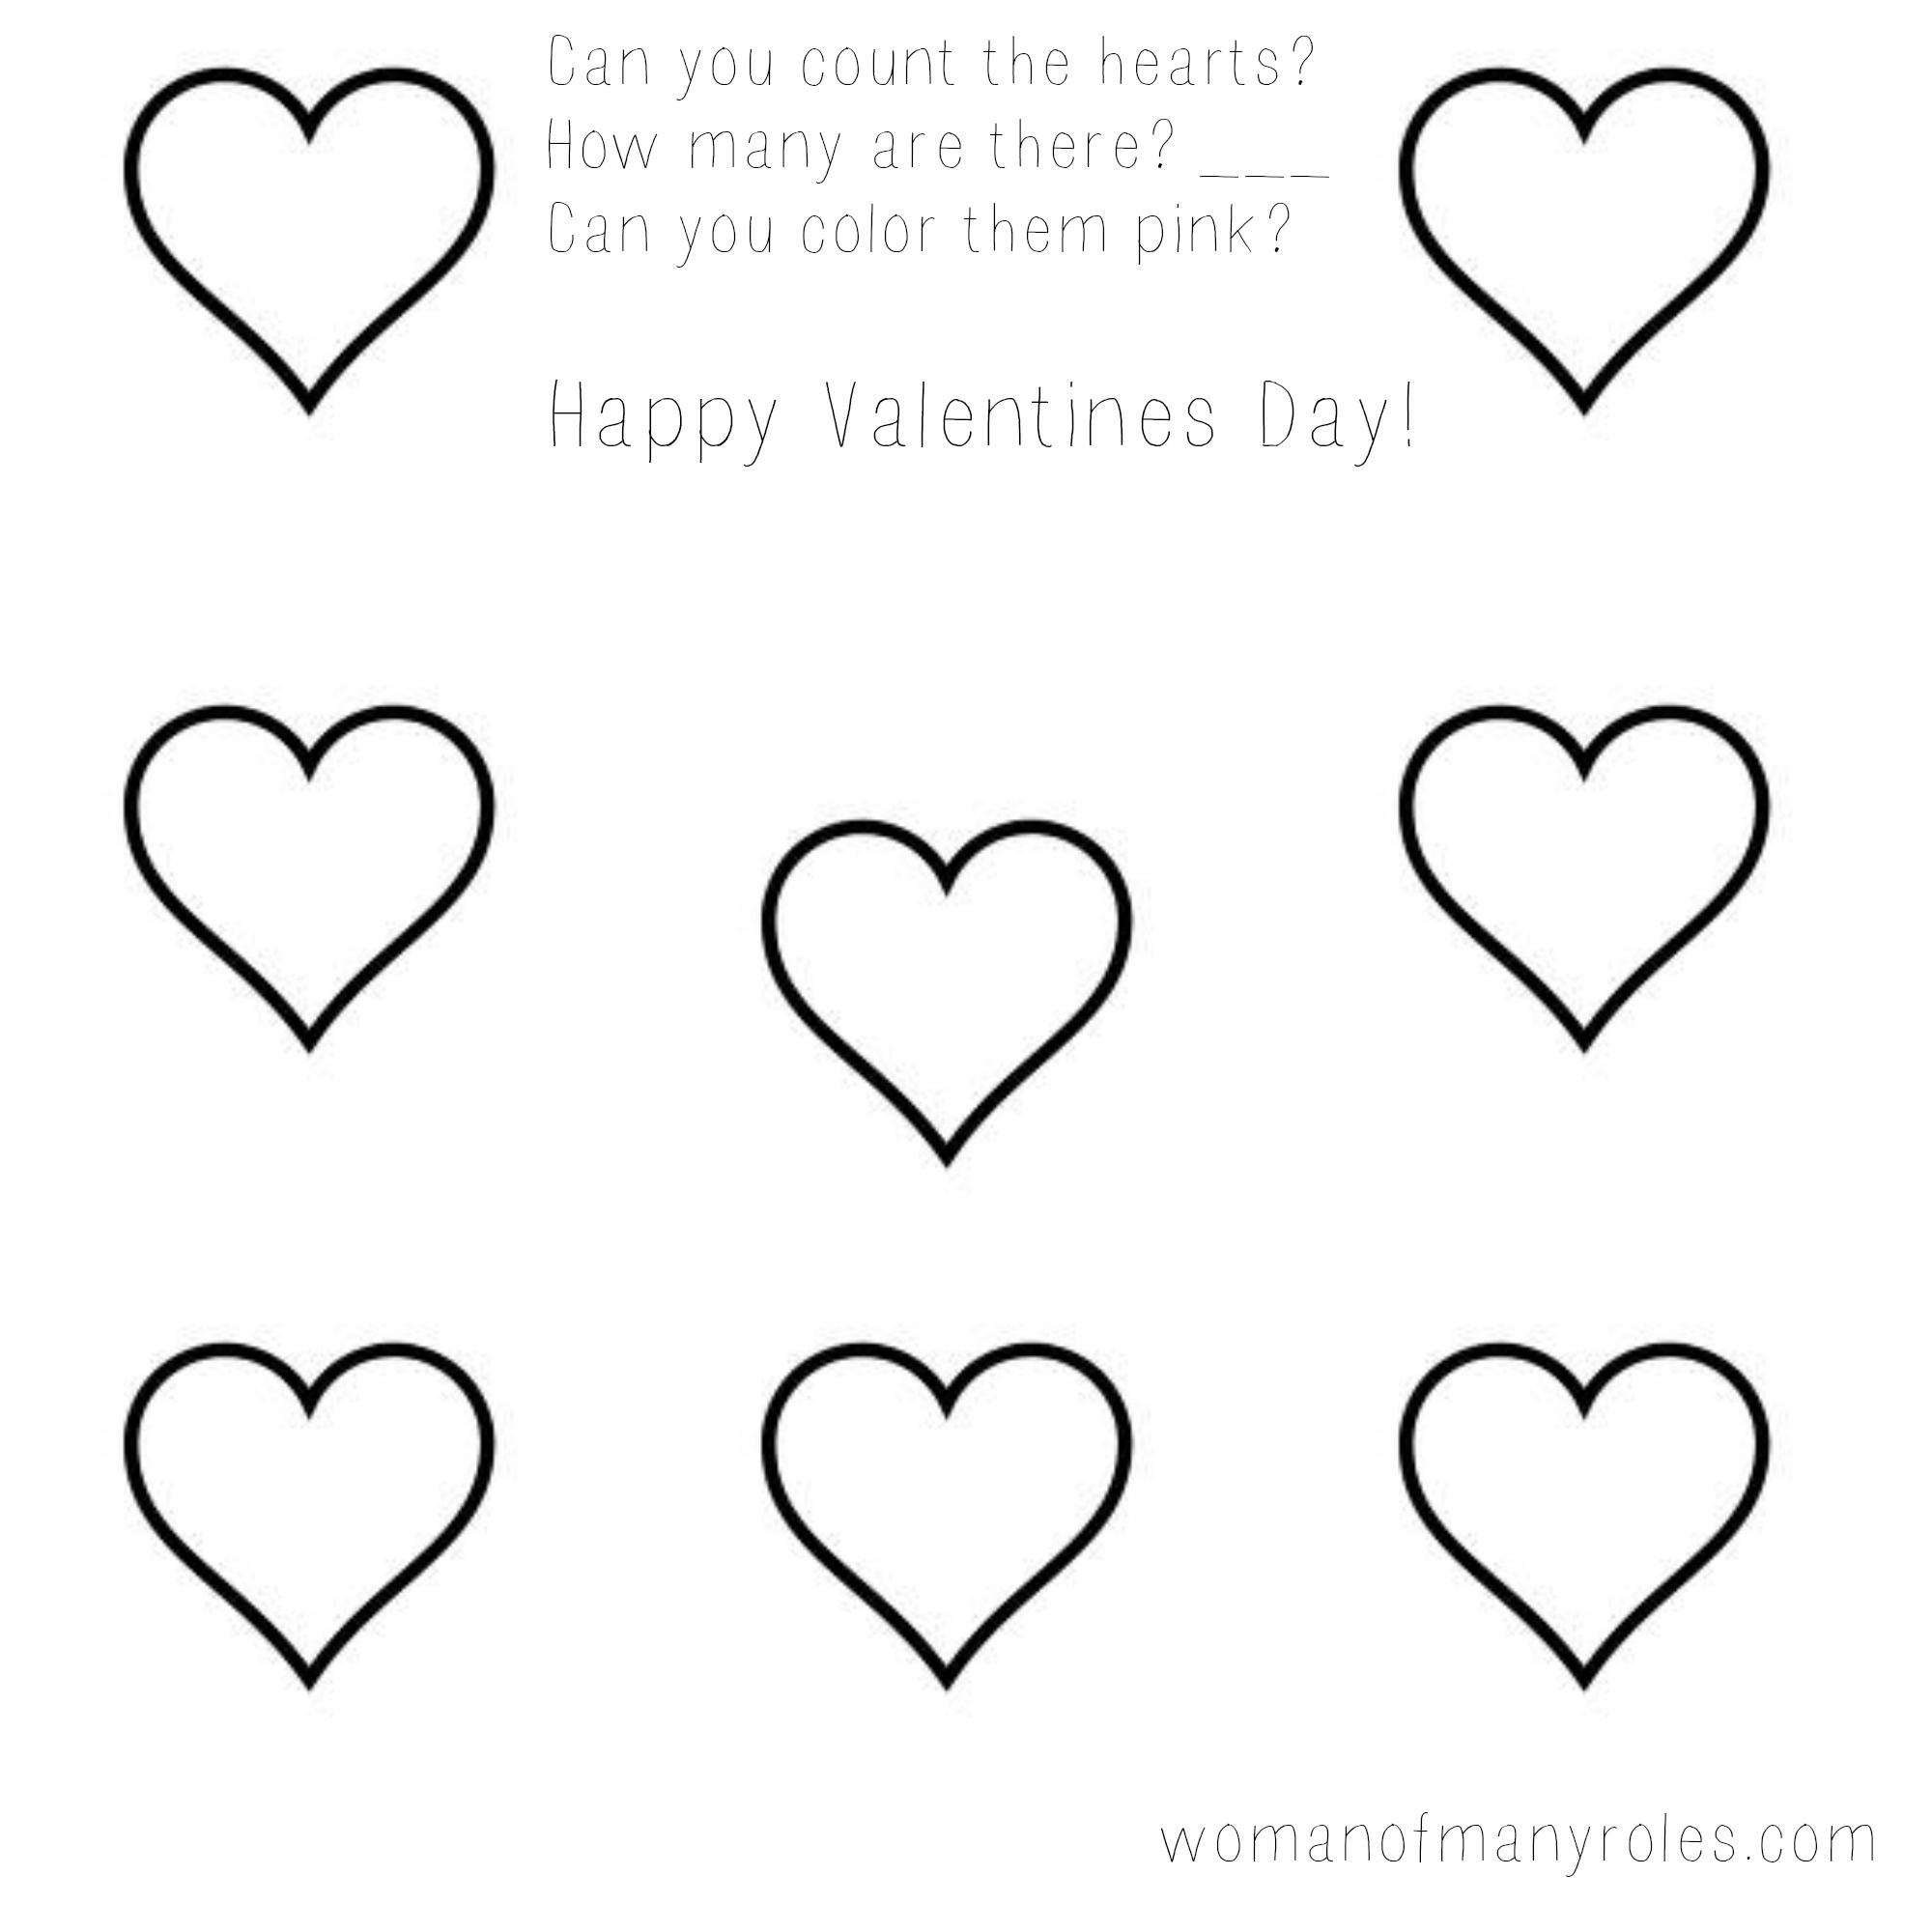 Heart Counting Printable Preschool Worksheet Woman Of